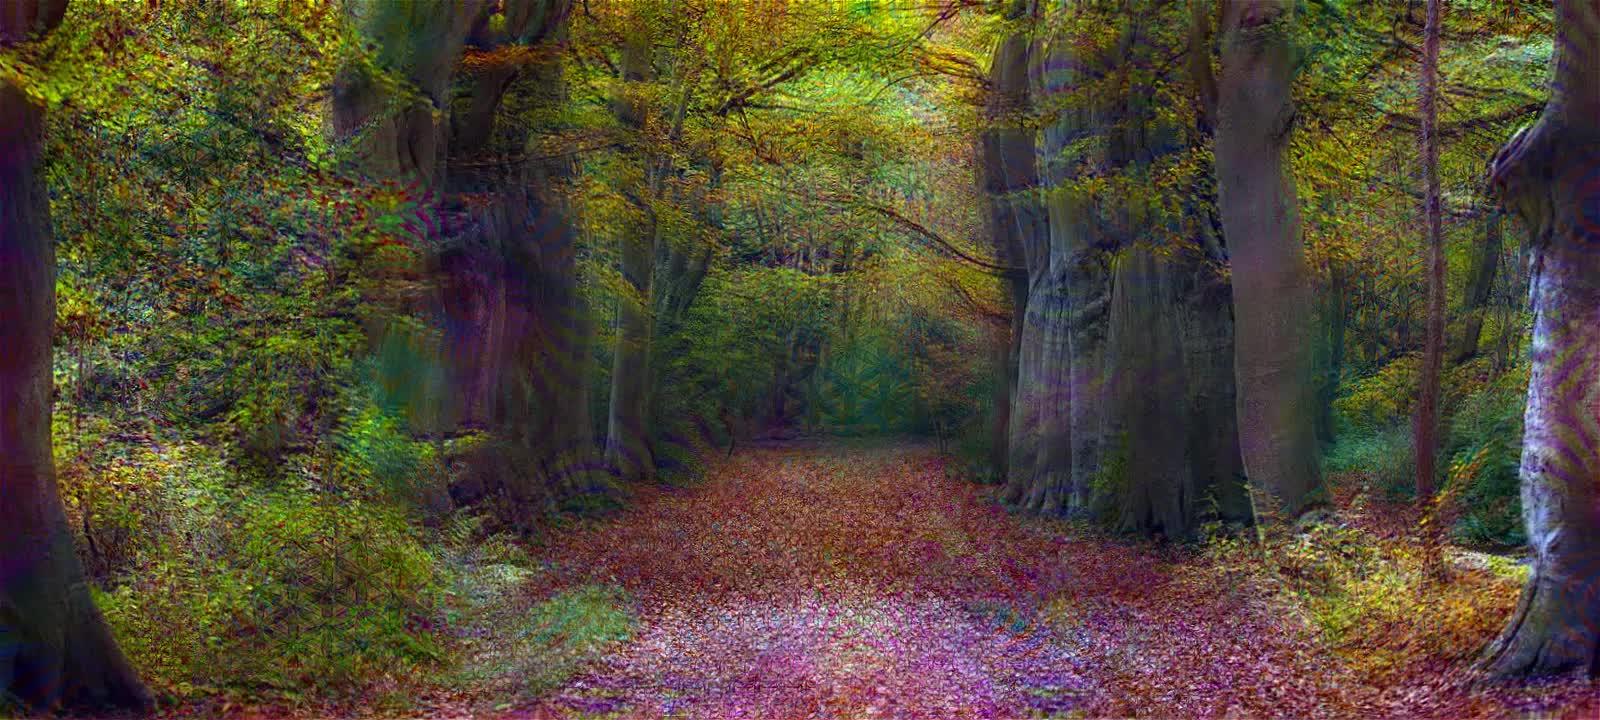 400ug LSD GIFs